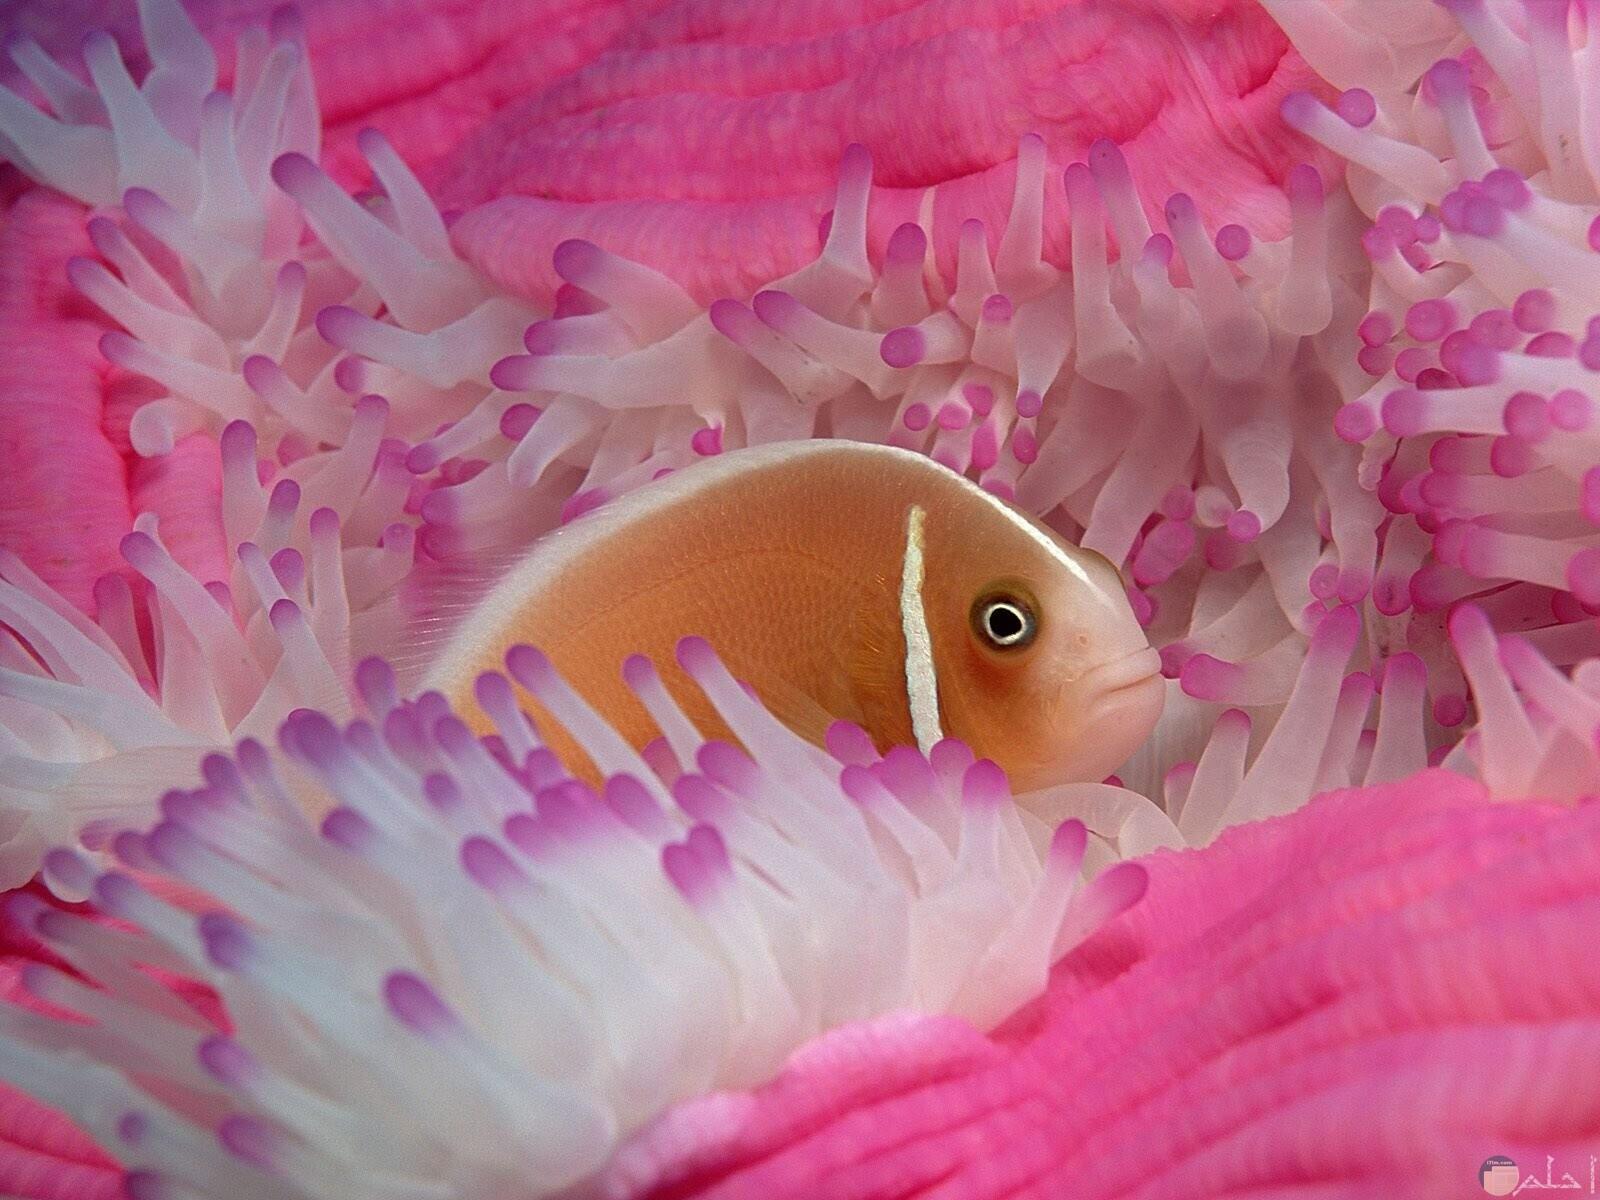 صور-اسماك-جميلة ملونة